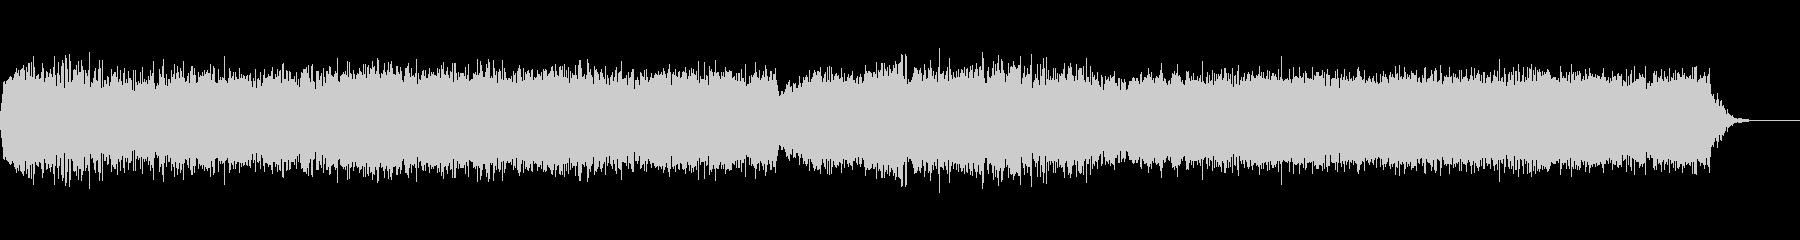 音楽効果;奇妙な歪んだエレキギター。の未再生の波形